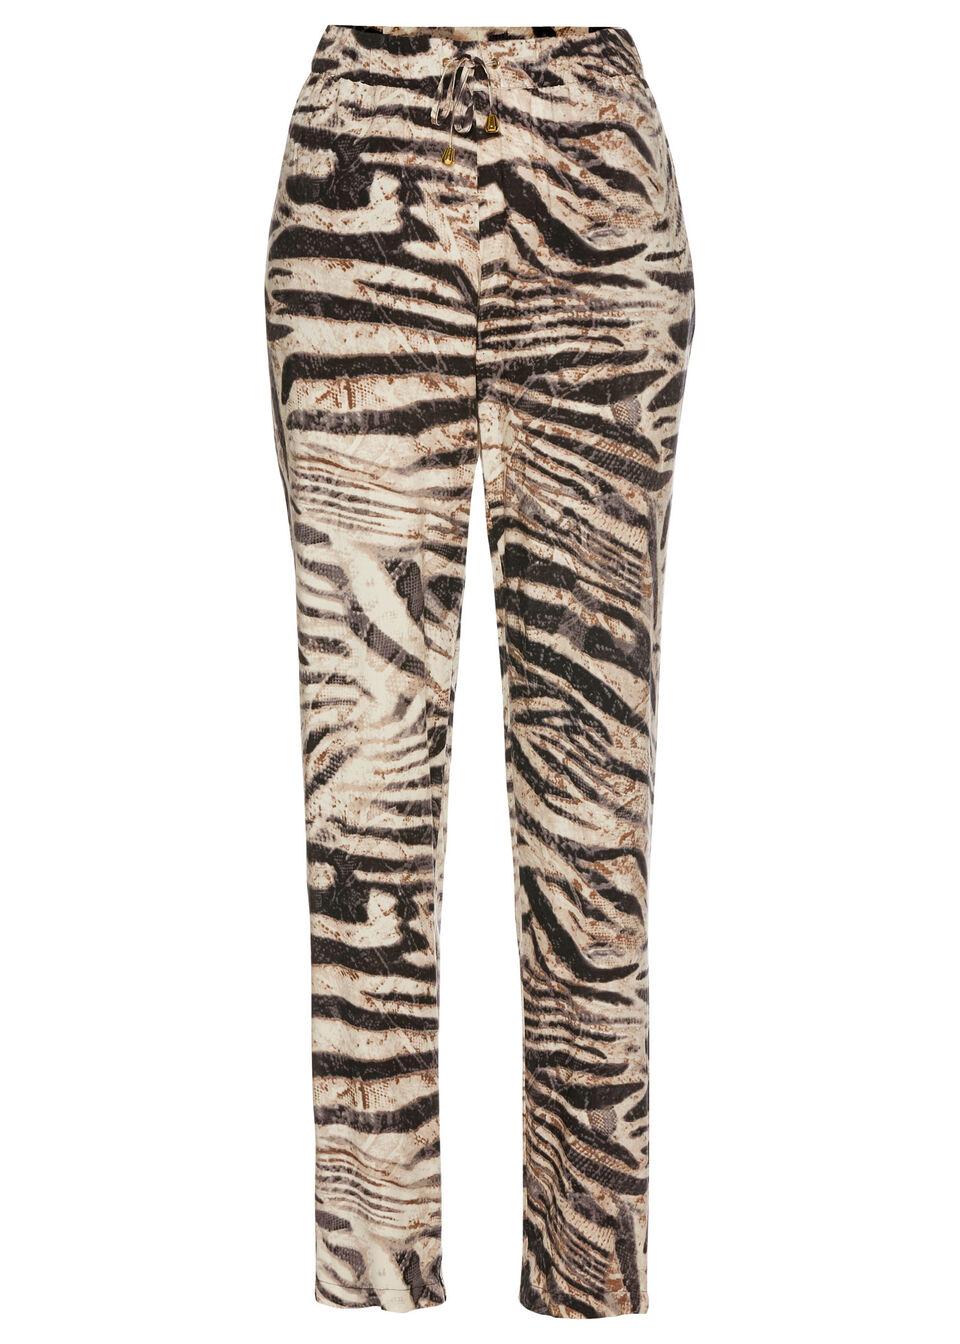 Spodnie Marlena bonprix w paski zebry